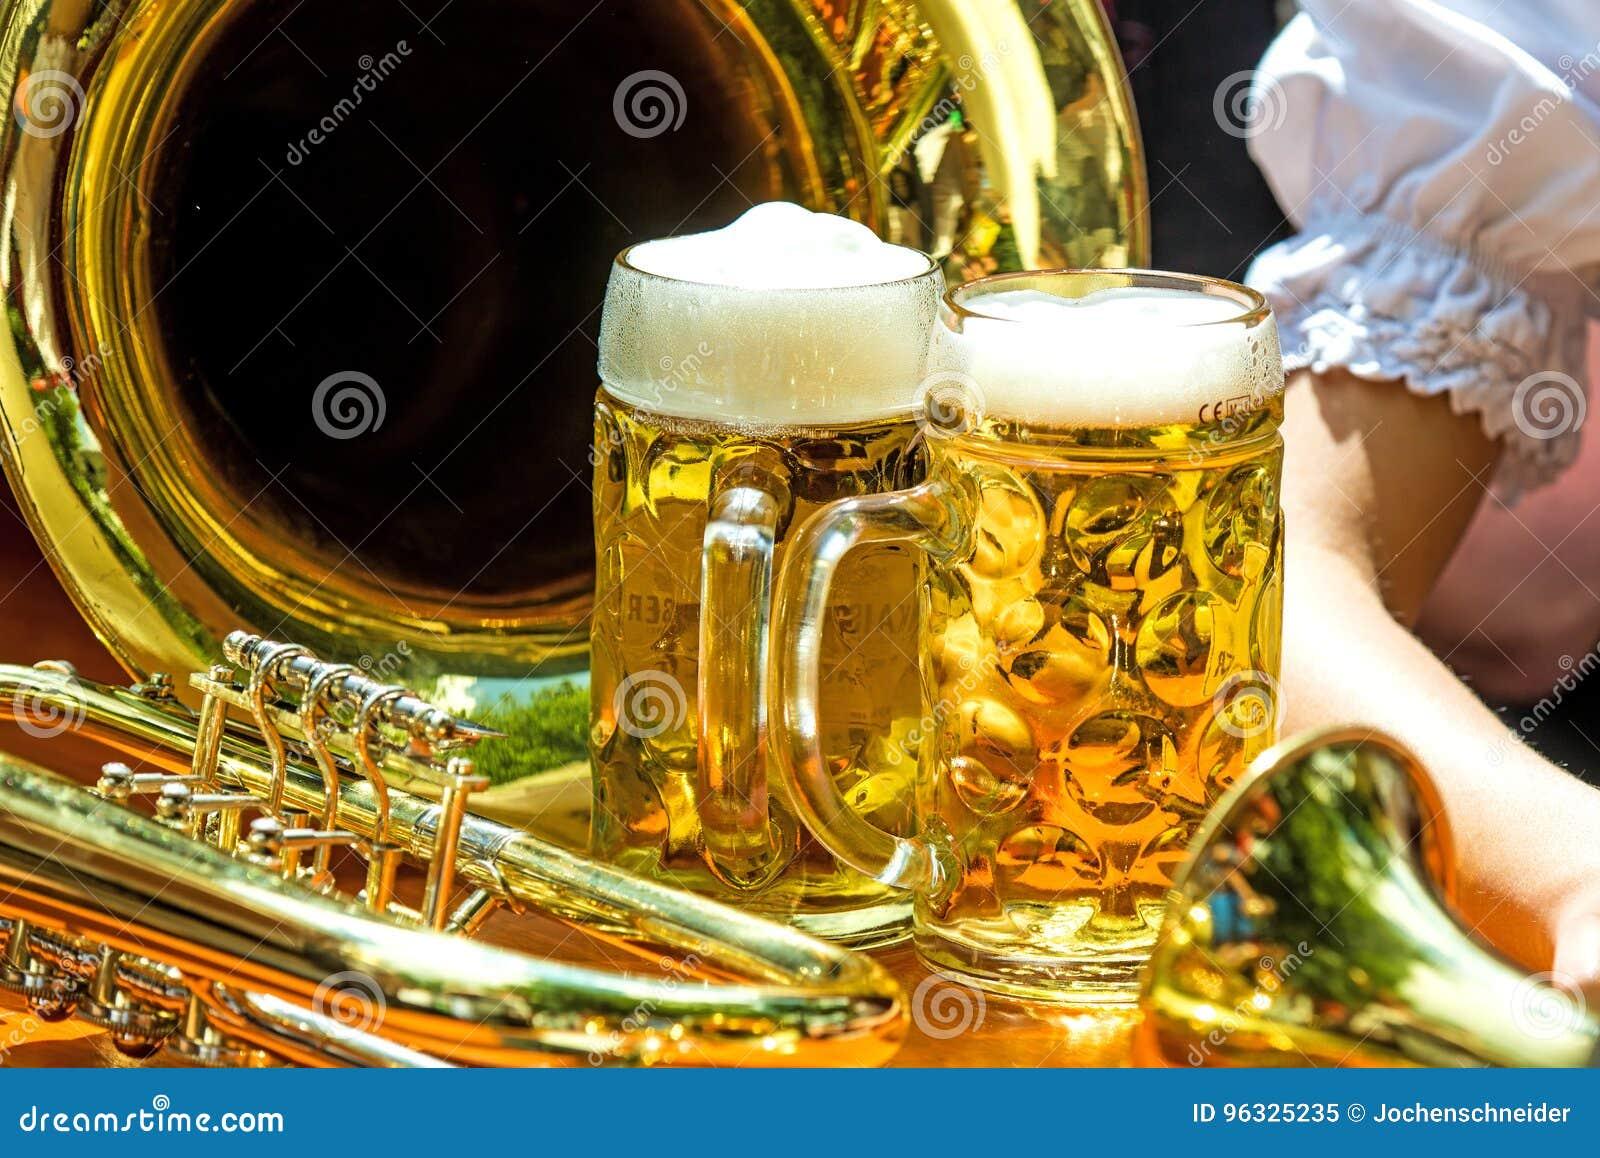 Tazze di birra con la tromba